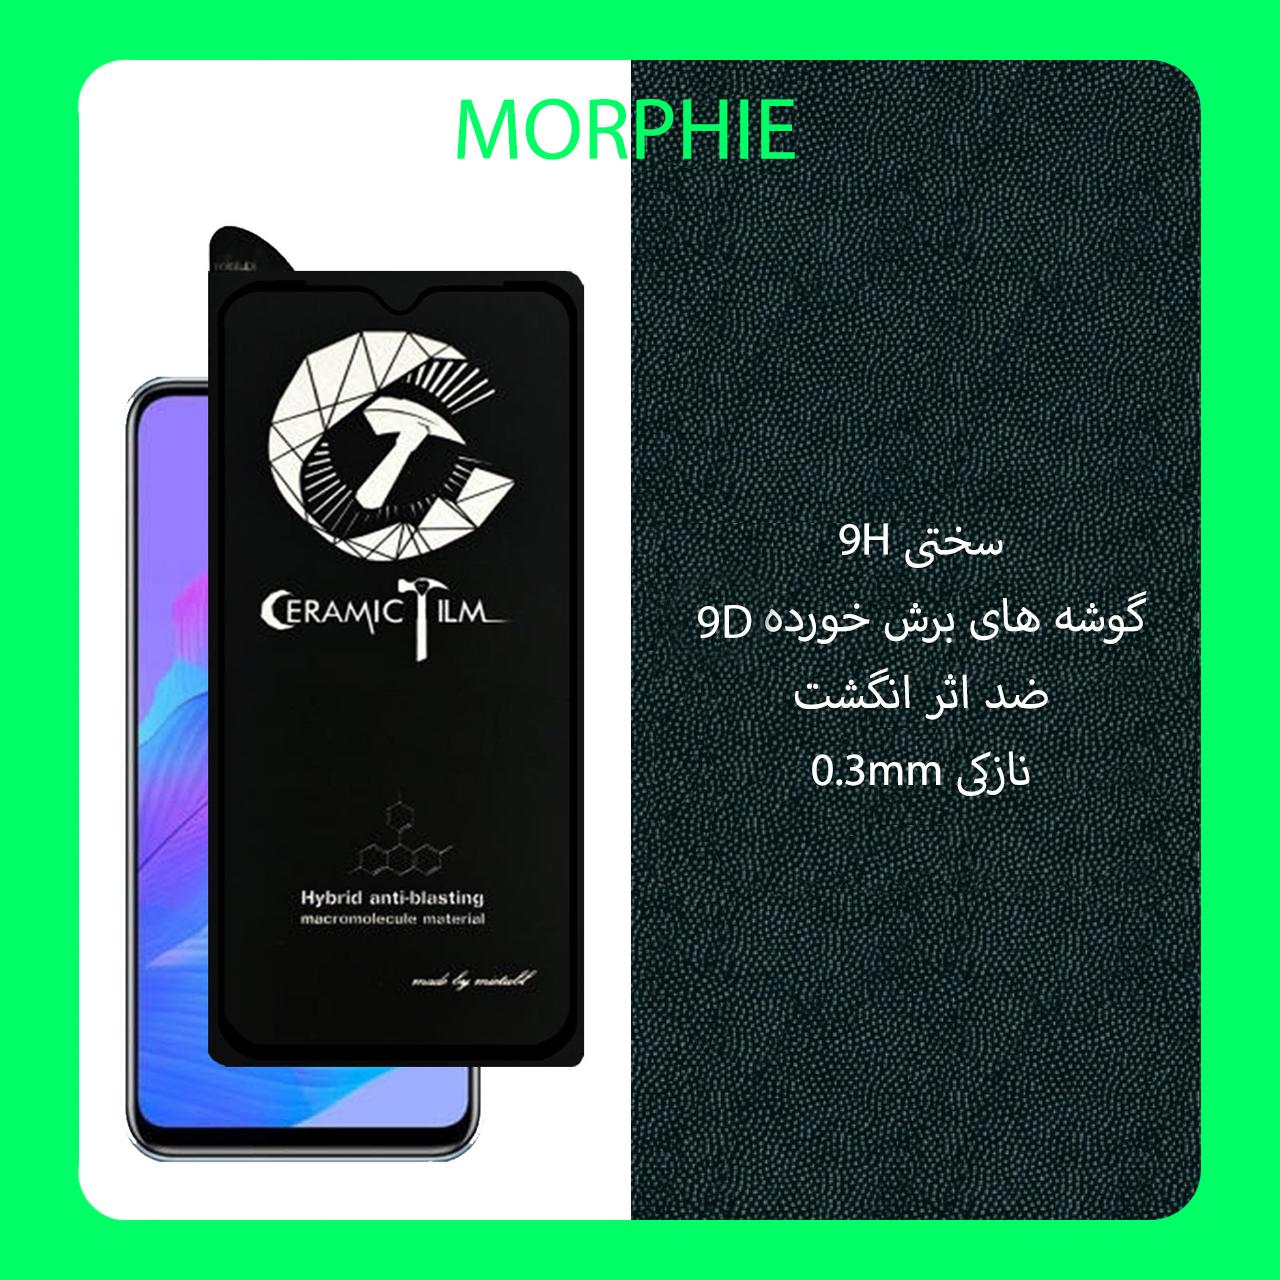 محافظ صفحه نمایش سرامیکی مورفی مدل MEIC مناسب برای گوشی موبایل هوآوی Y8P